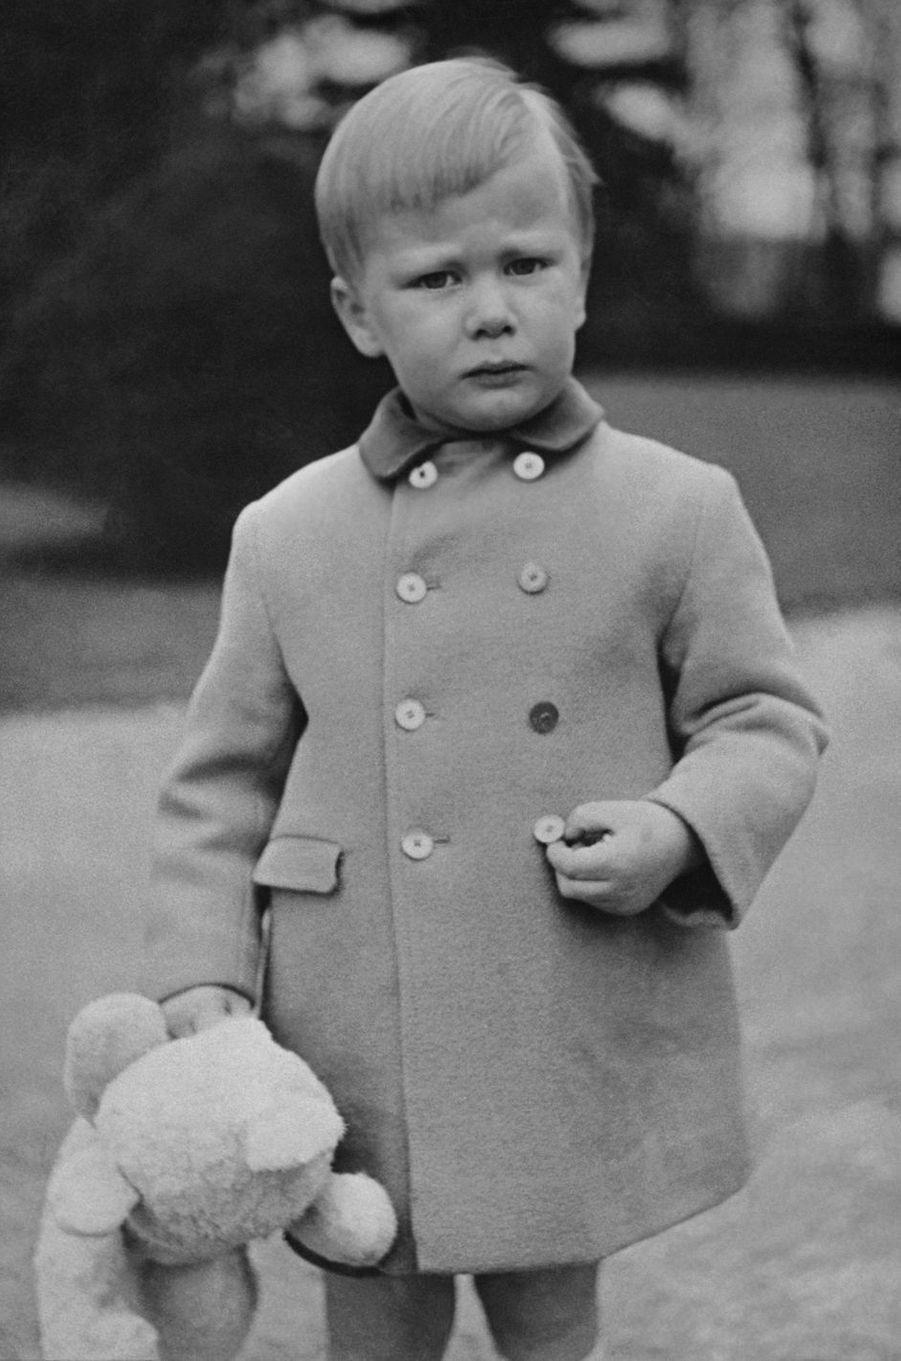 Le prince Philippe de Belgique. Photo pour ses 4 ans le 15 avril 1964